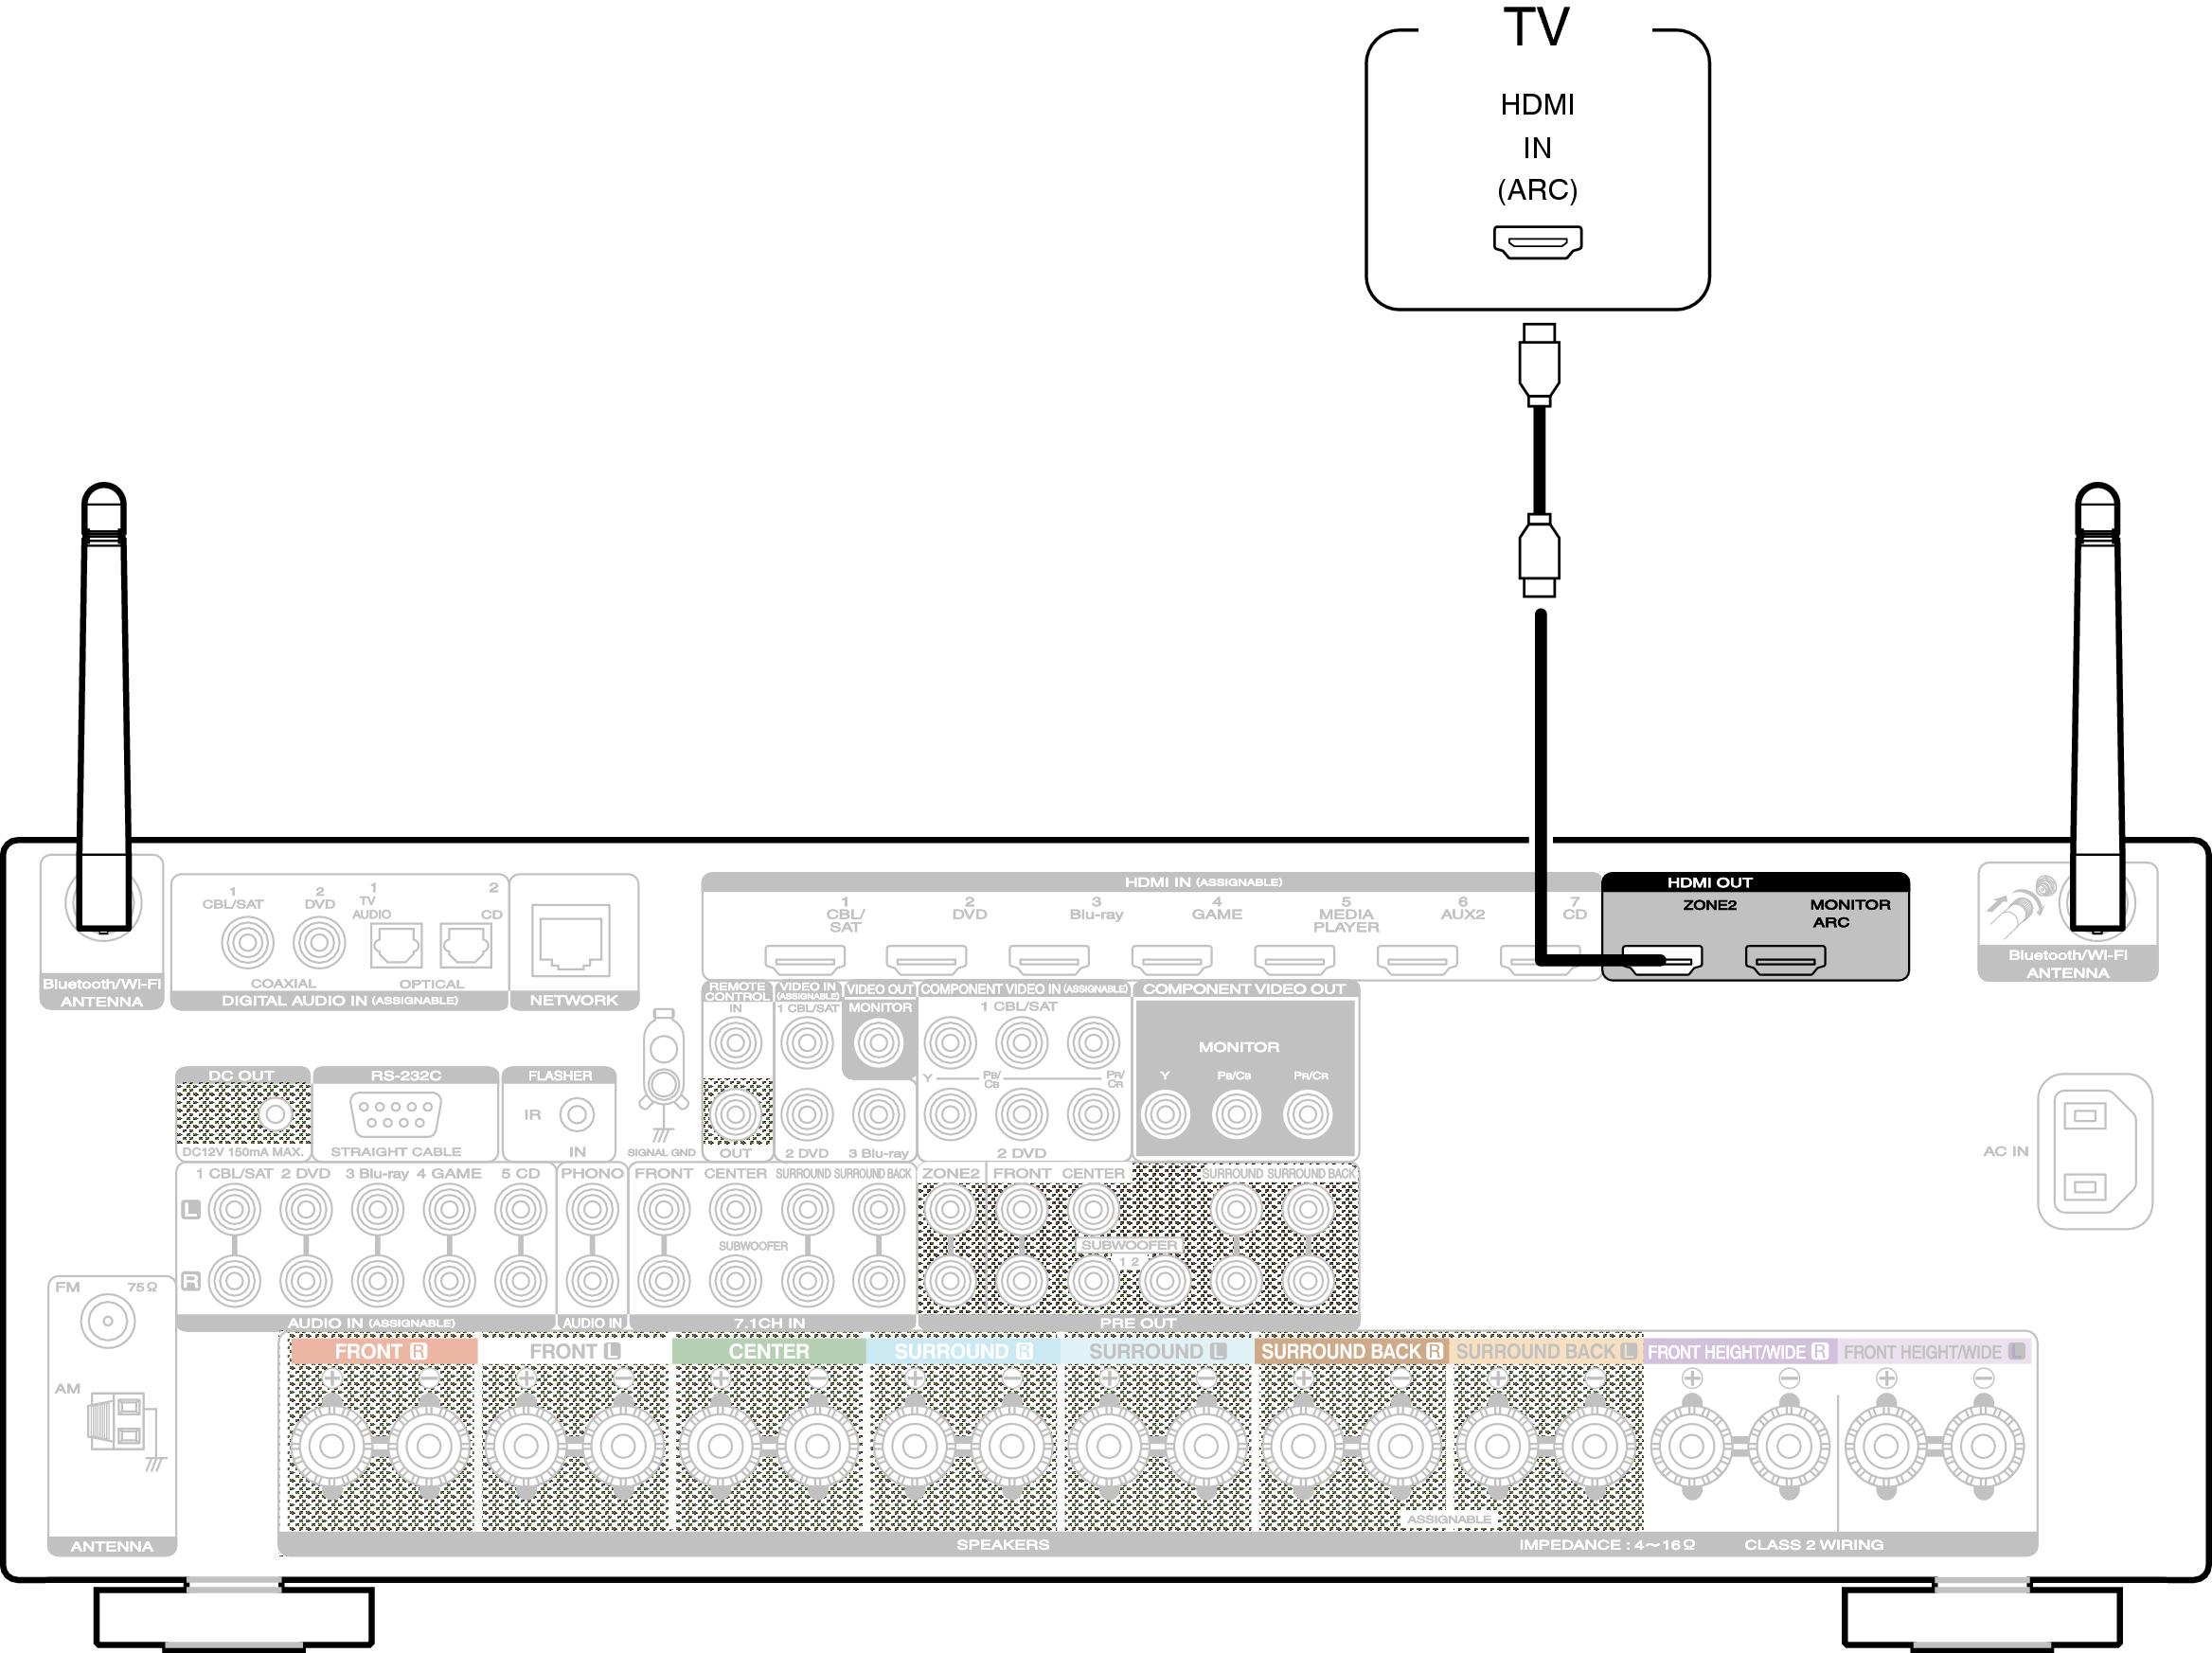 conexi u00f3n 1  tv equipado con un conector hdmi y compatible